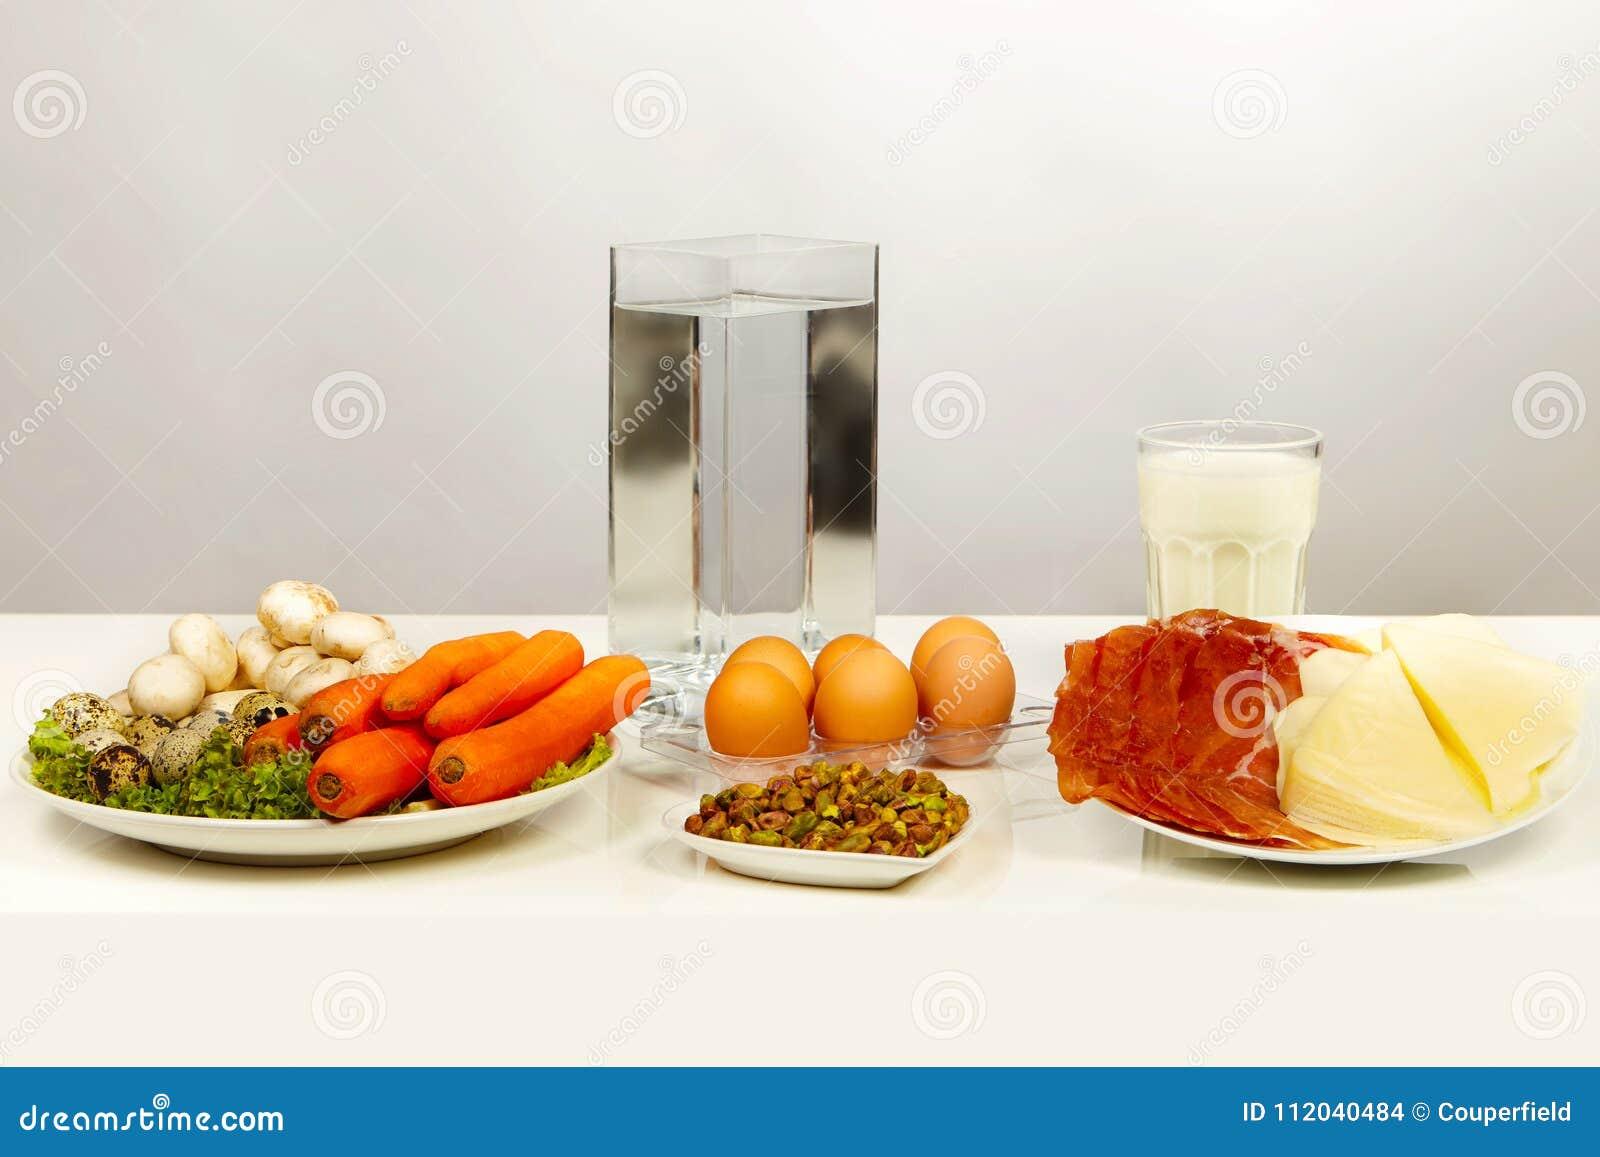 dieta de frutas verduras e carne